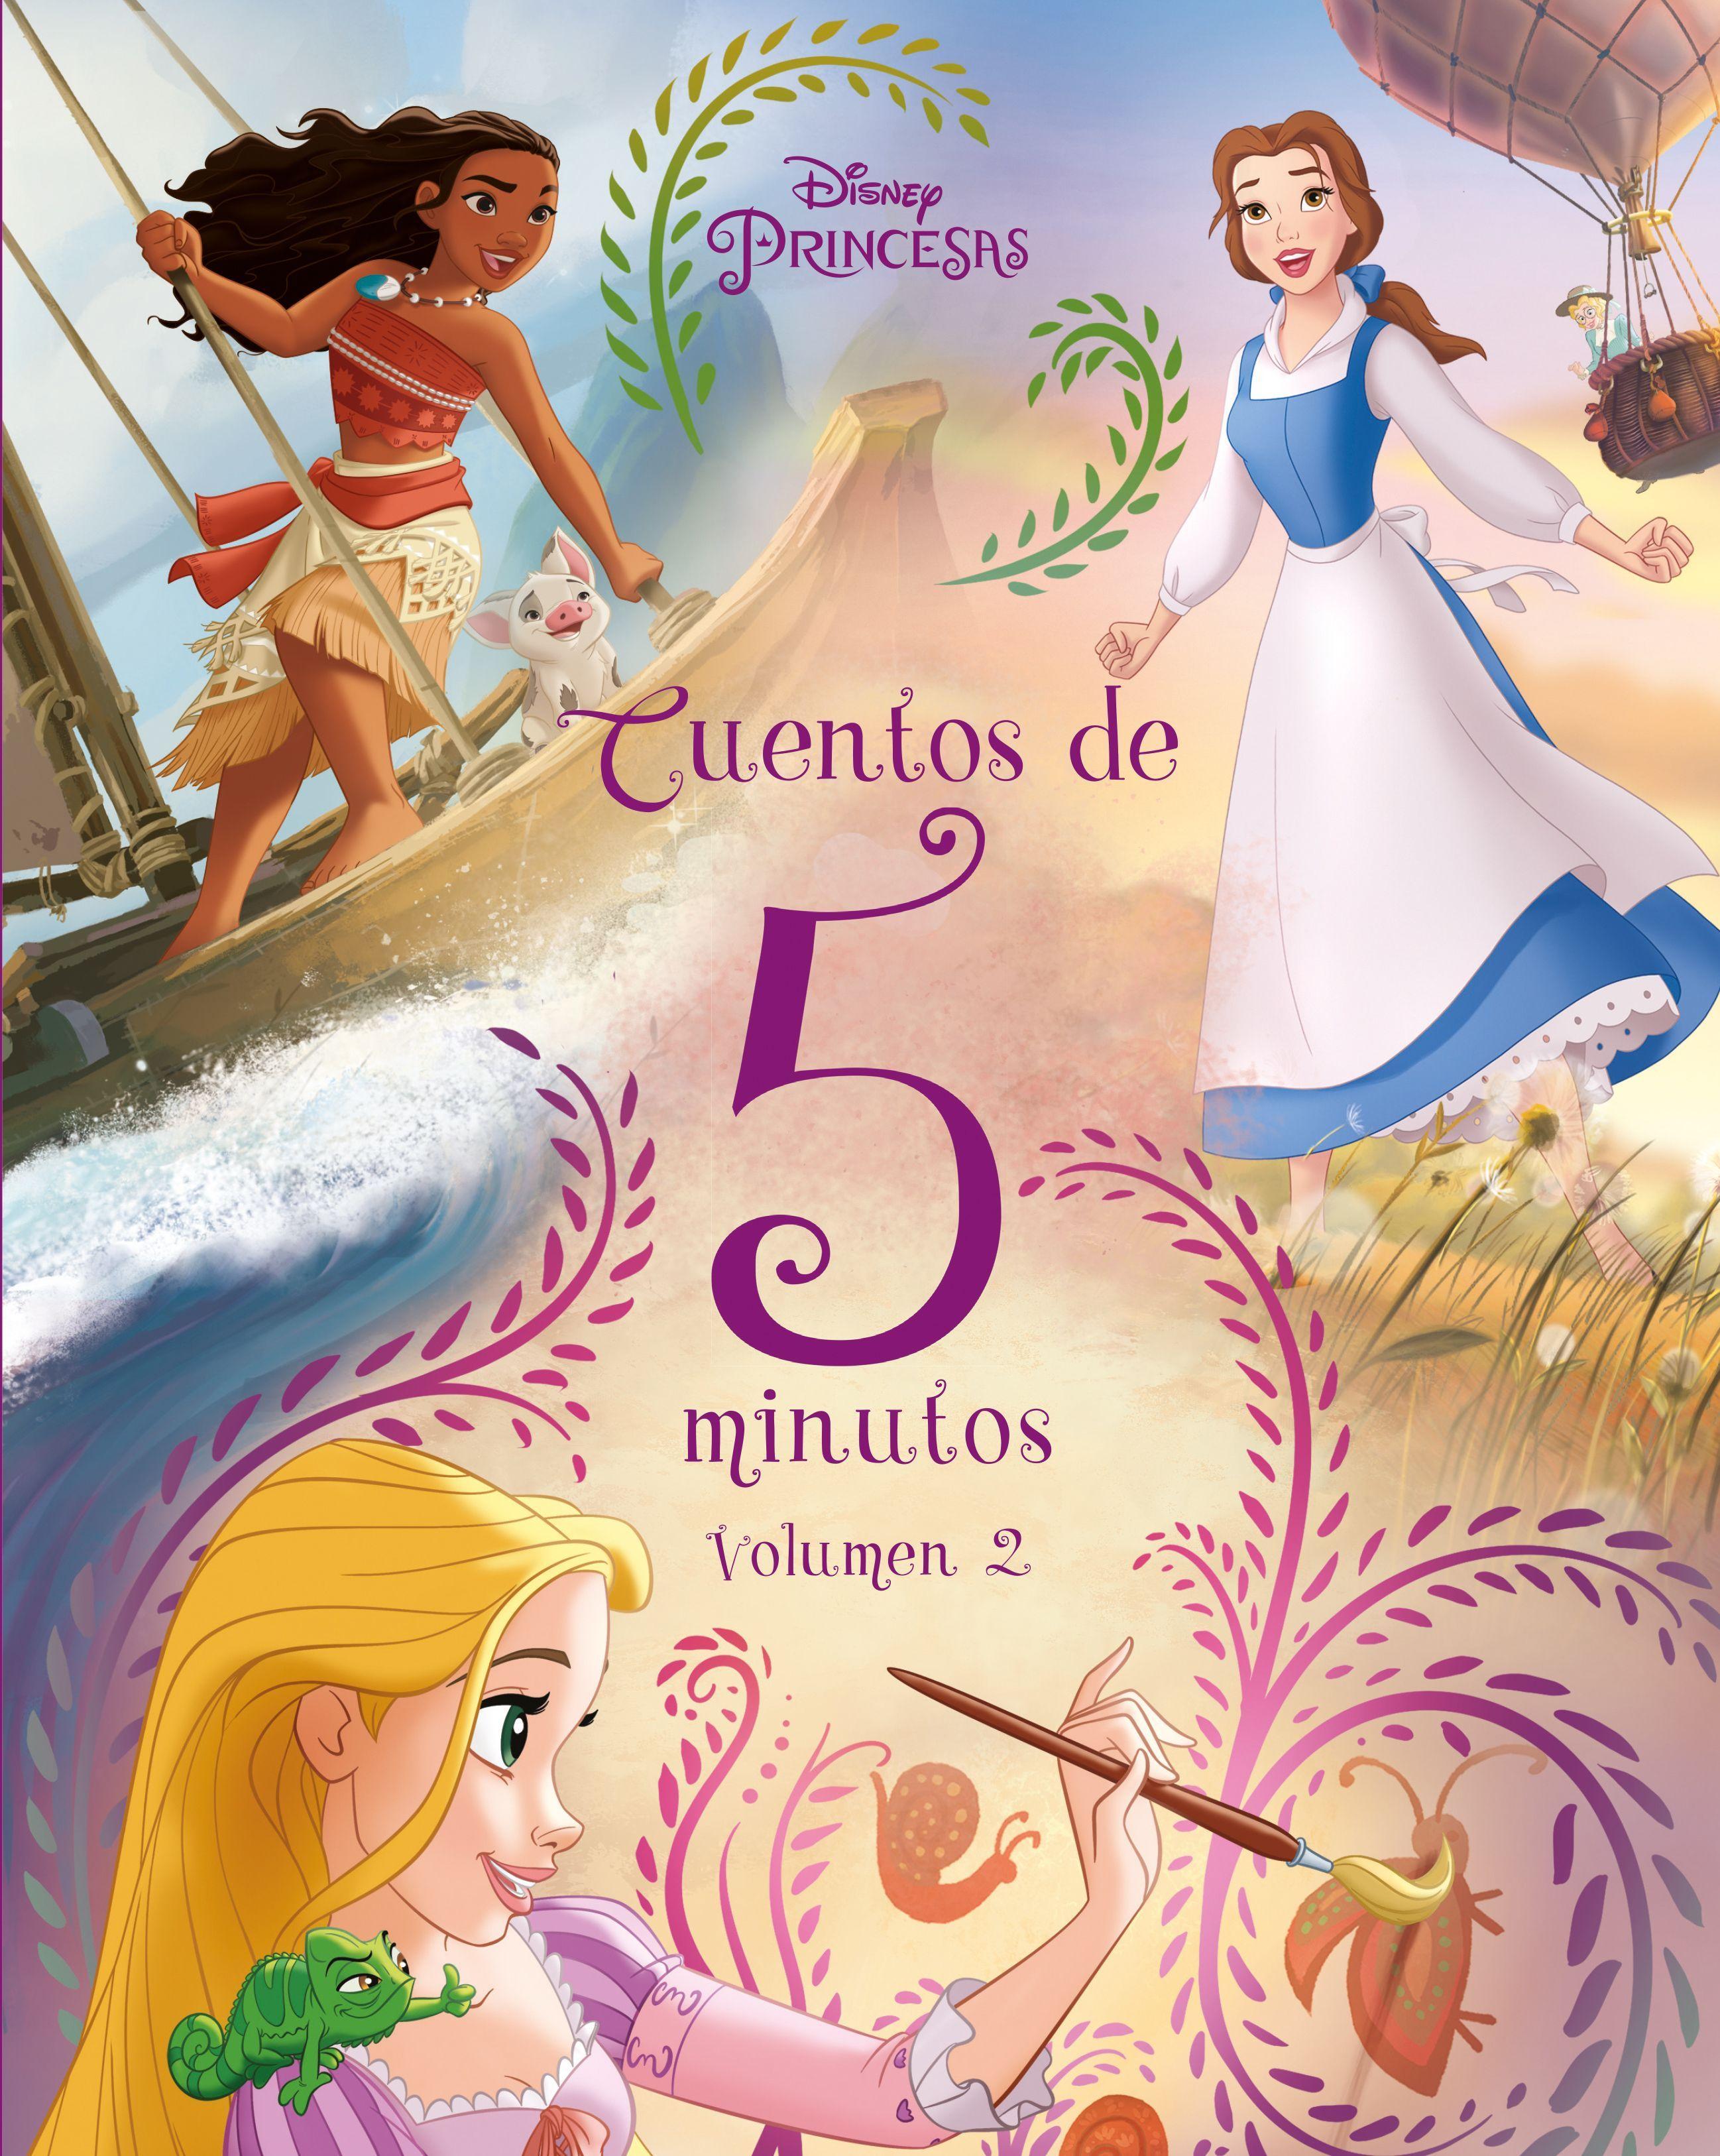 PRINCESAS CUENTOS DE 5 MINUTOS VOLUMEN 2